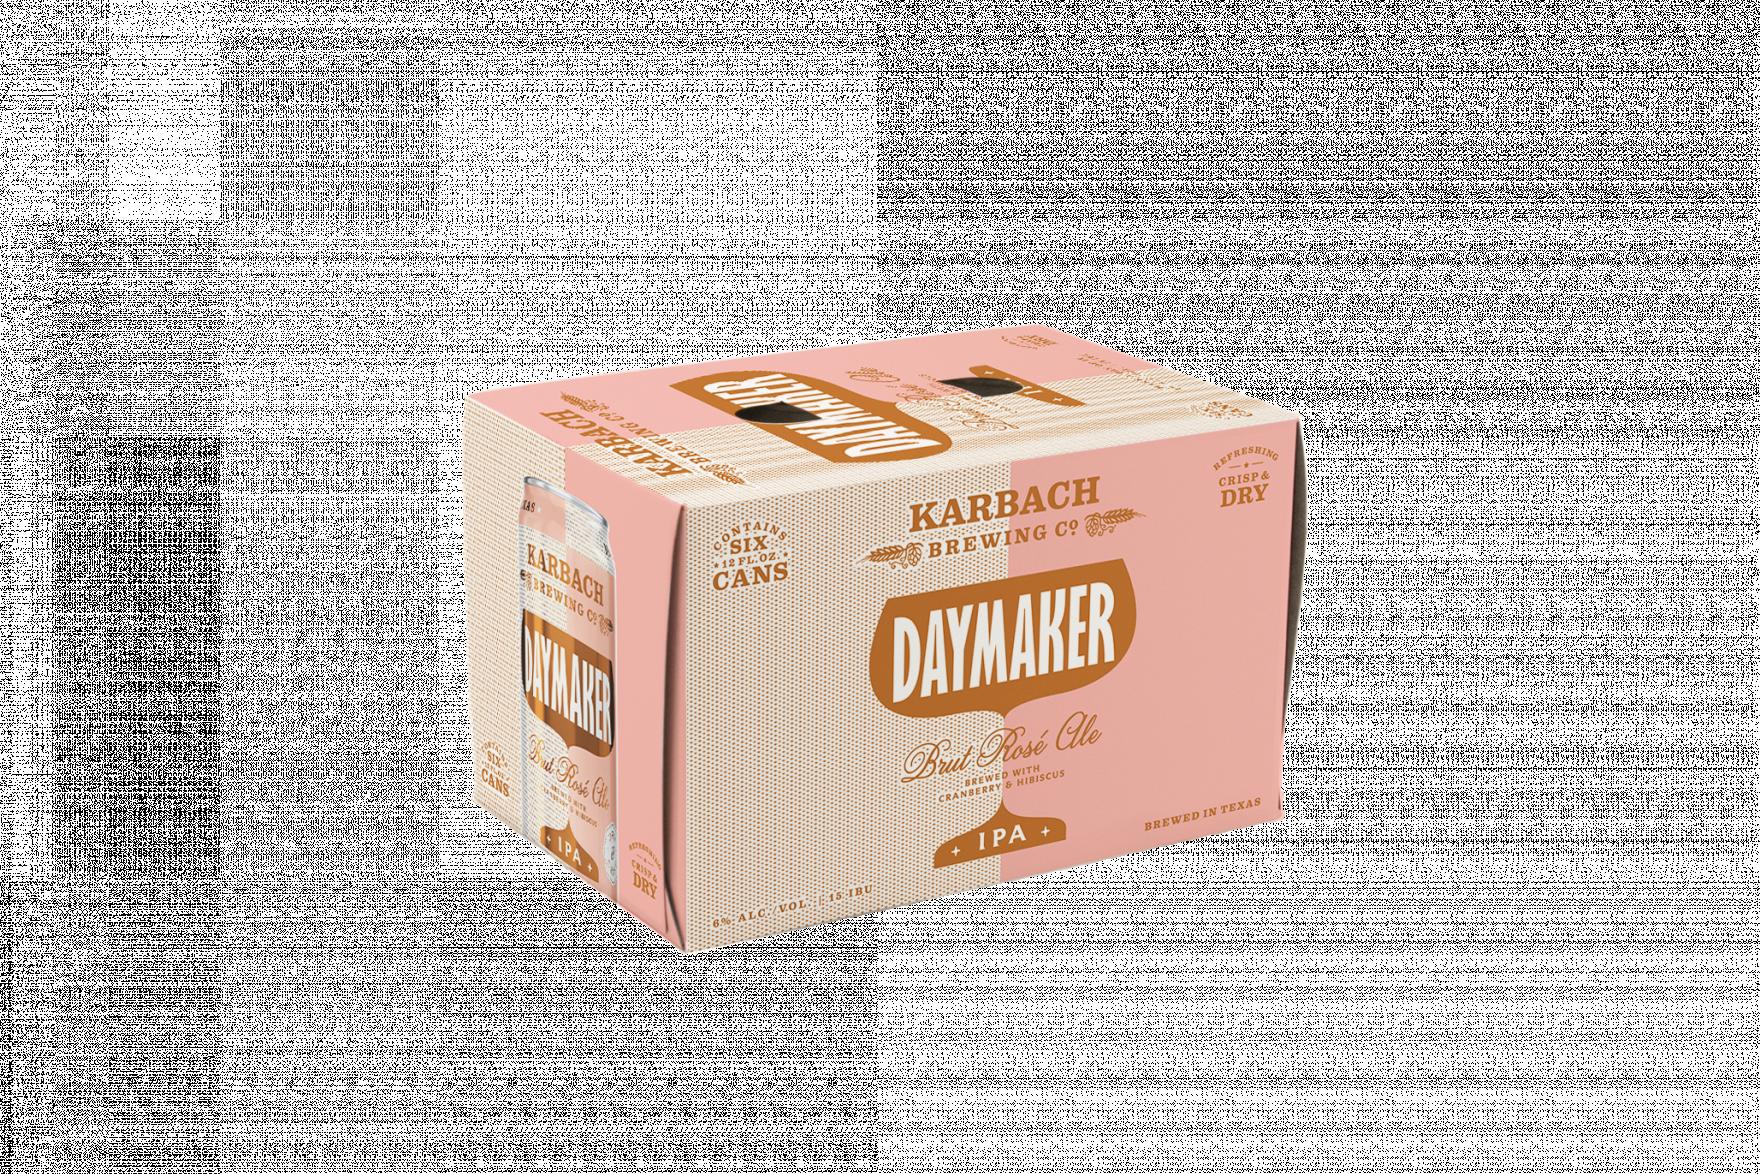 Daymaker_Brut_IPA-04